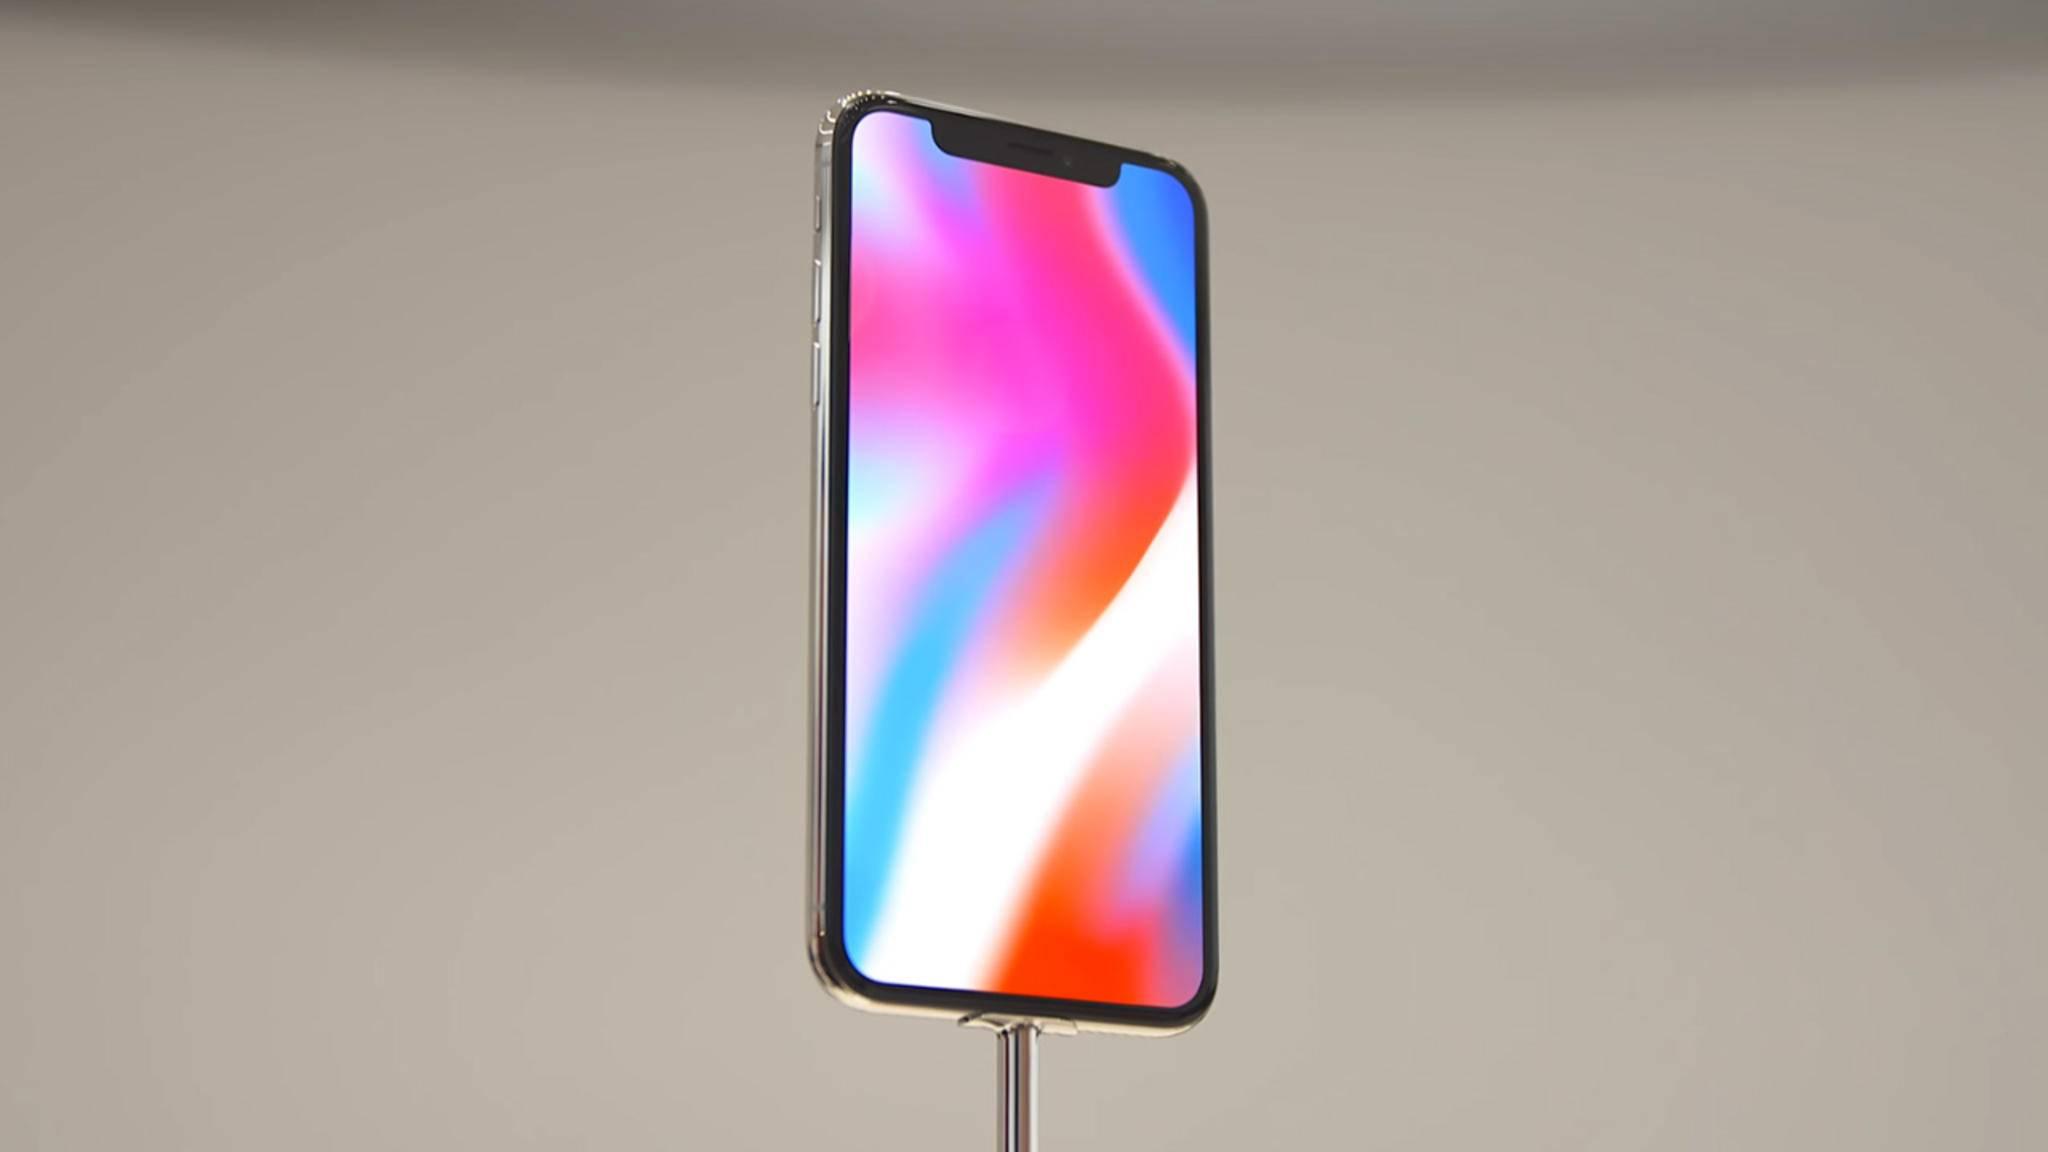 Trotz seines fast randlosen Designs fällt der Screen des iPhone X tatsächlich kleiner aus als beim iPhone 8 Plus.